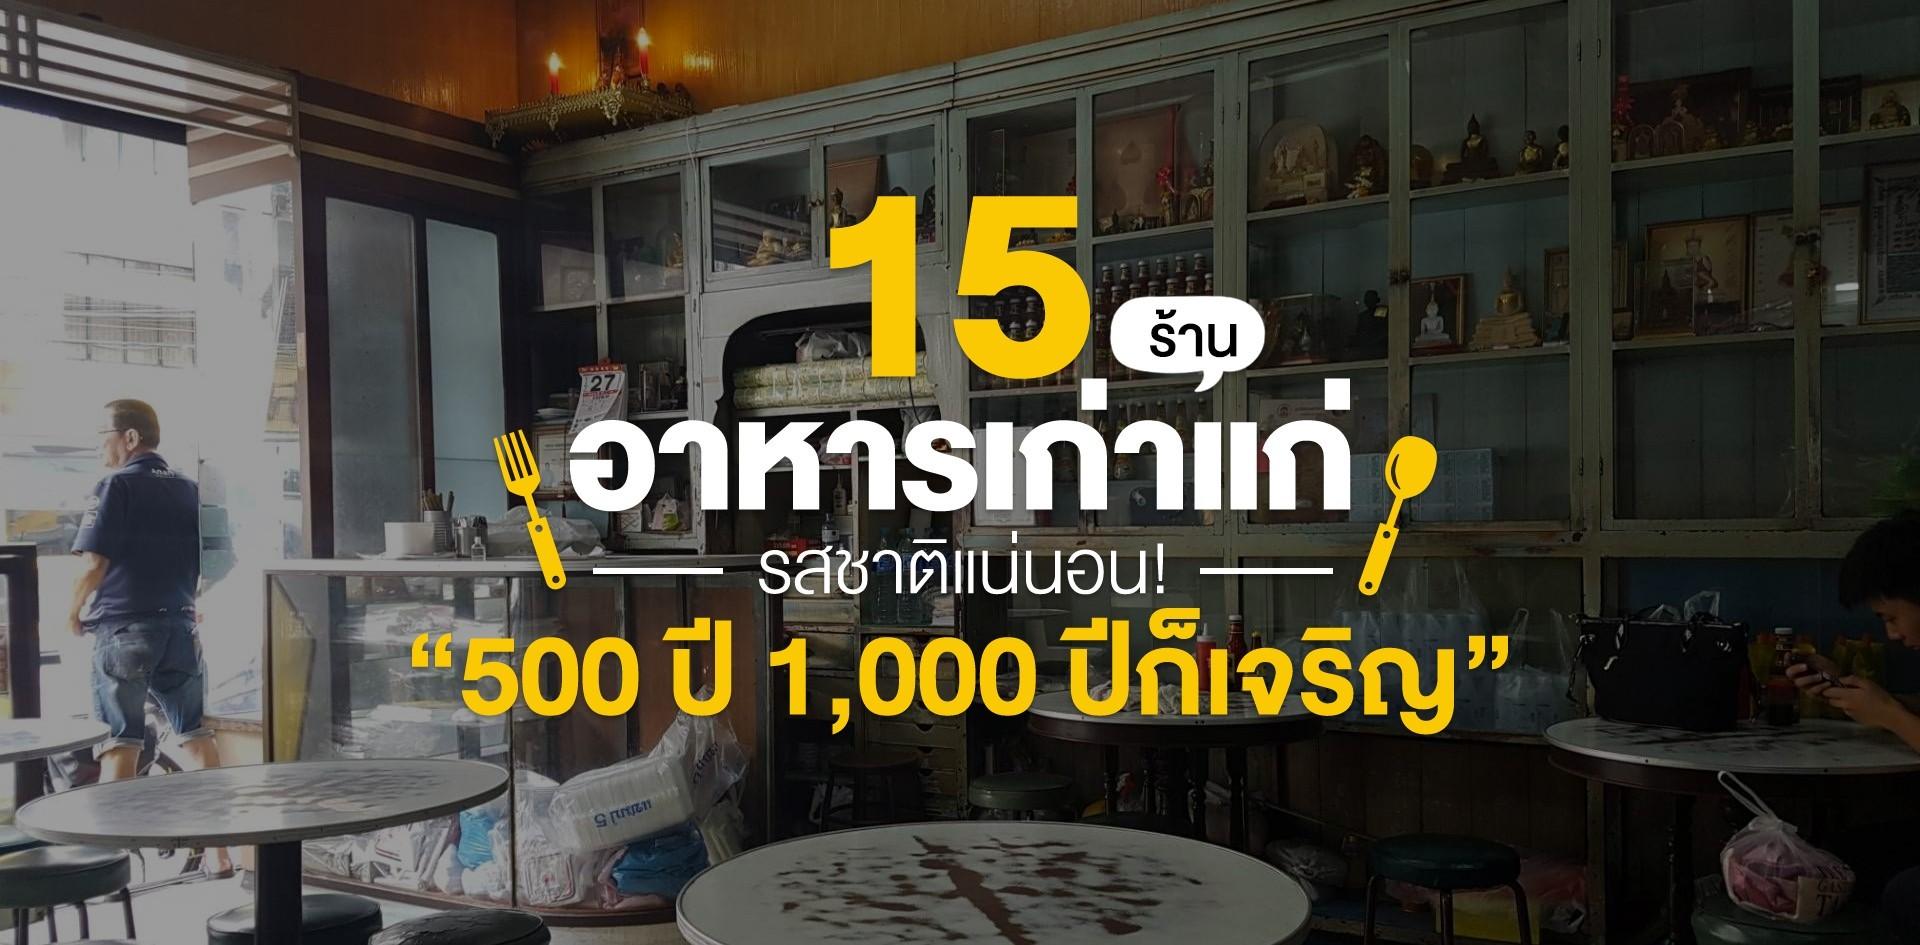 15 ร้านอาหารเก่าแก่รสชาติแน่นอน อีก 500 ปี 1,000 ปีก็เจริญ